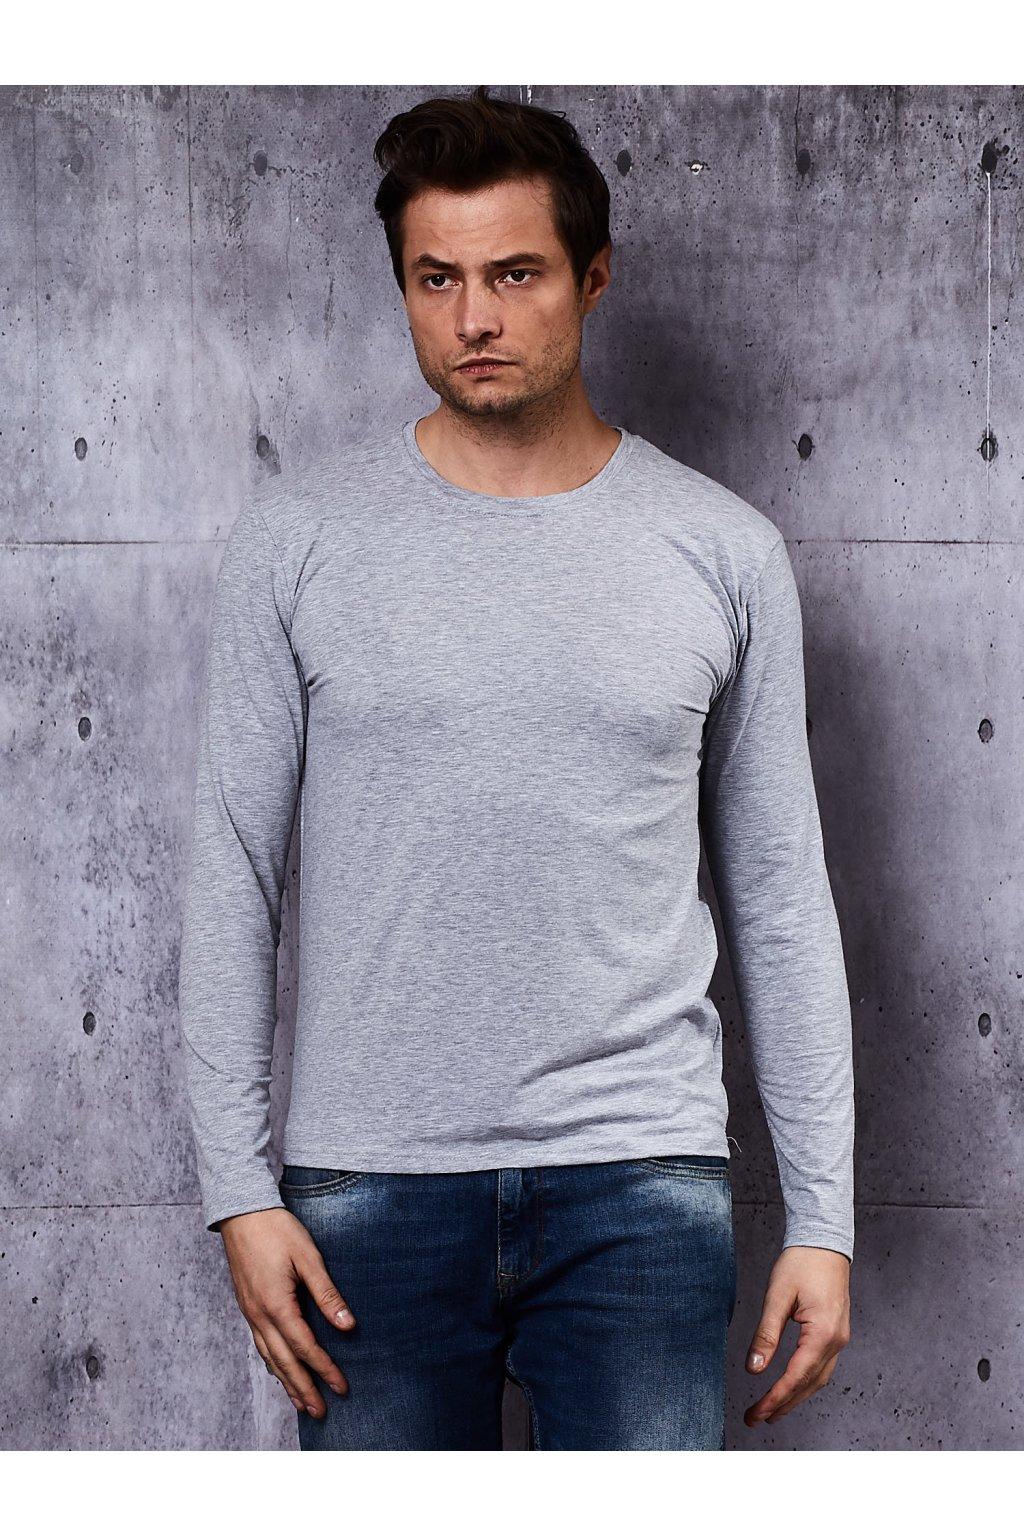 Pánske tričko kód ES-BZ-0002.03